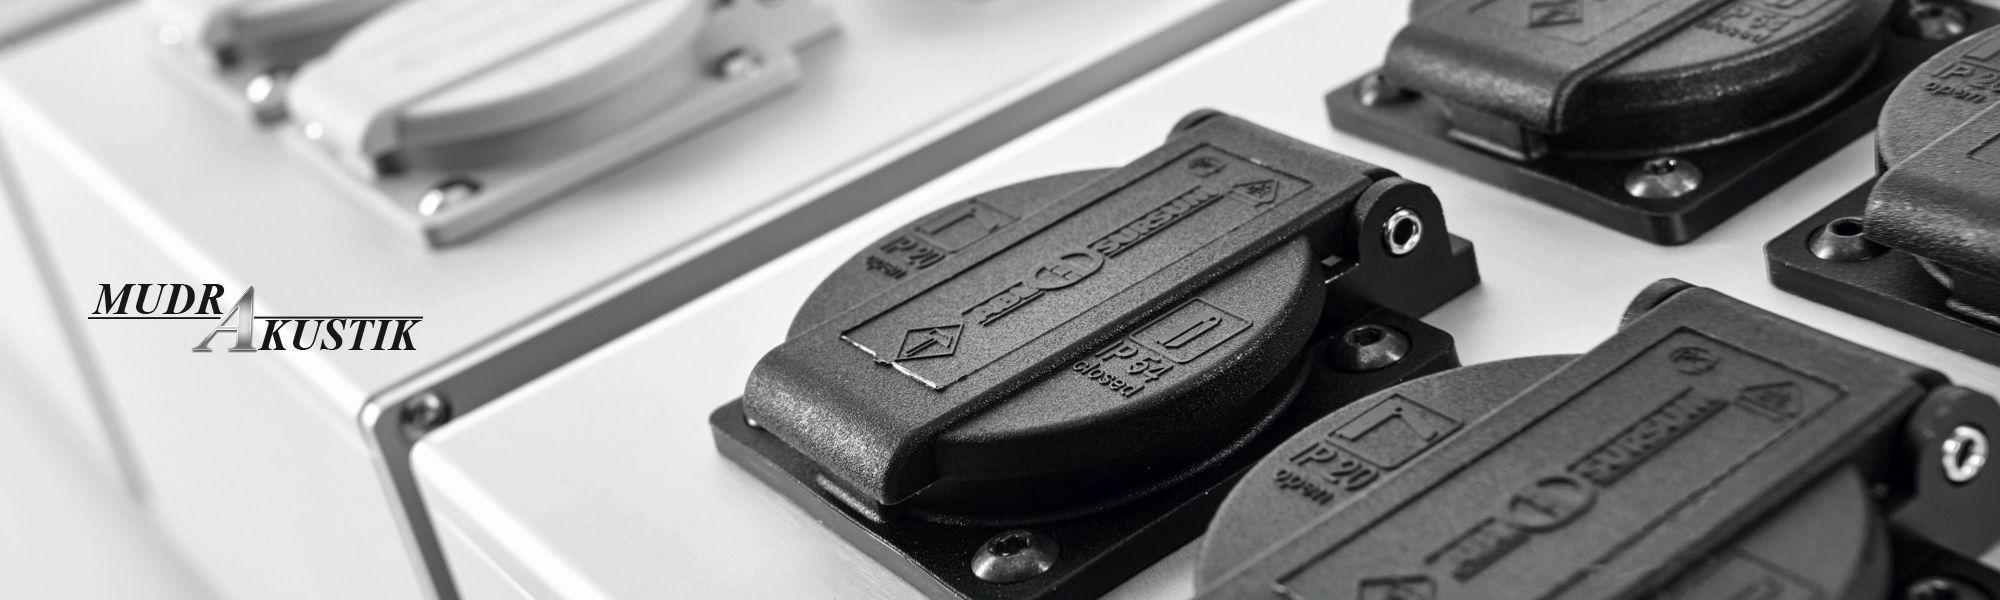 Mudra Akustik Hifi Stromprodukte